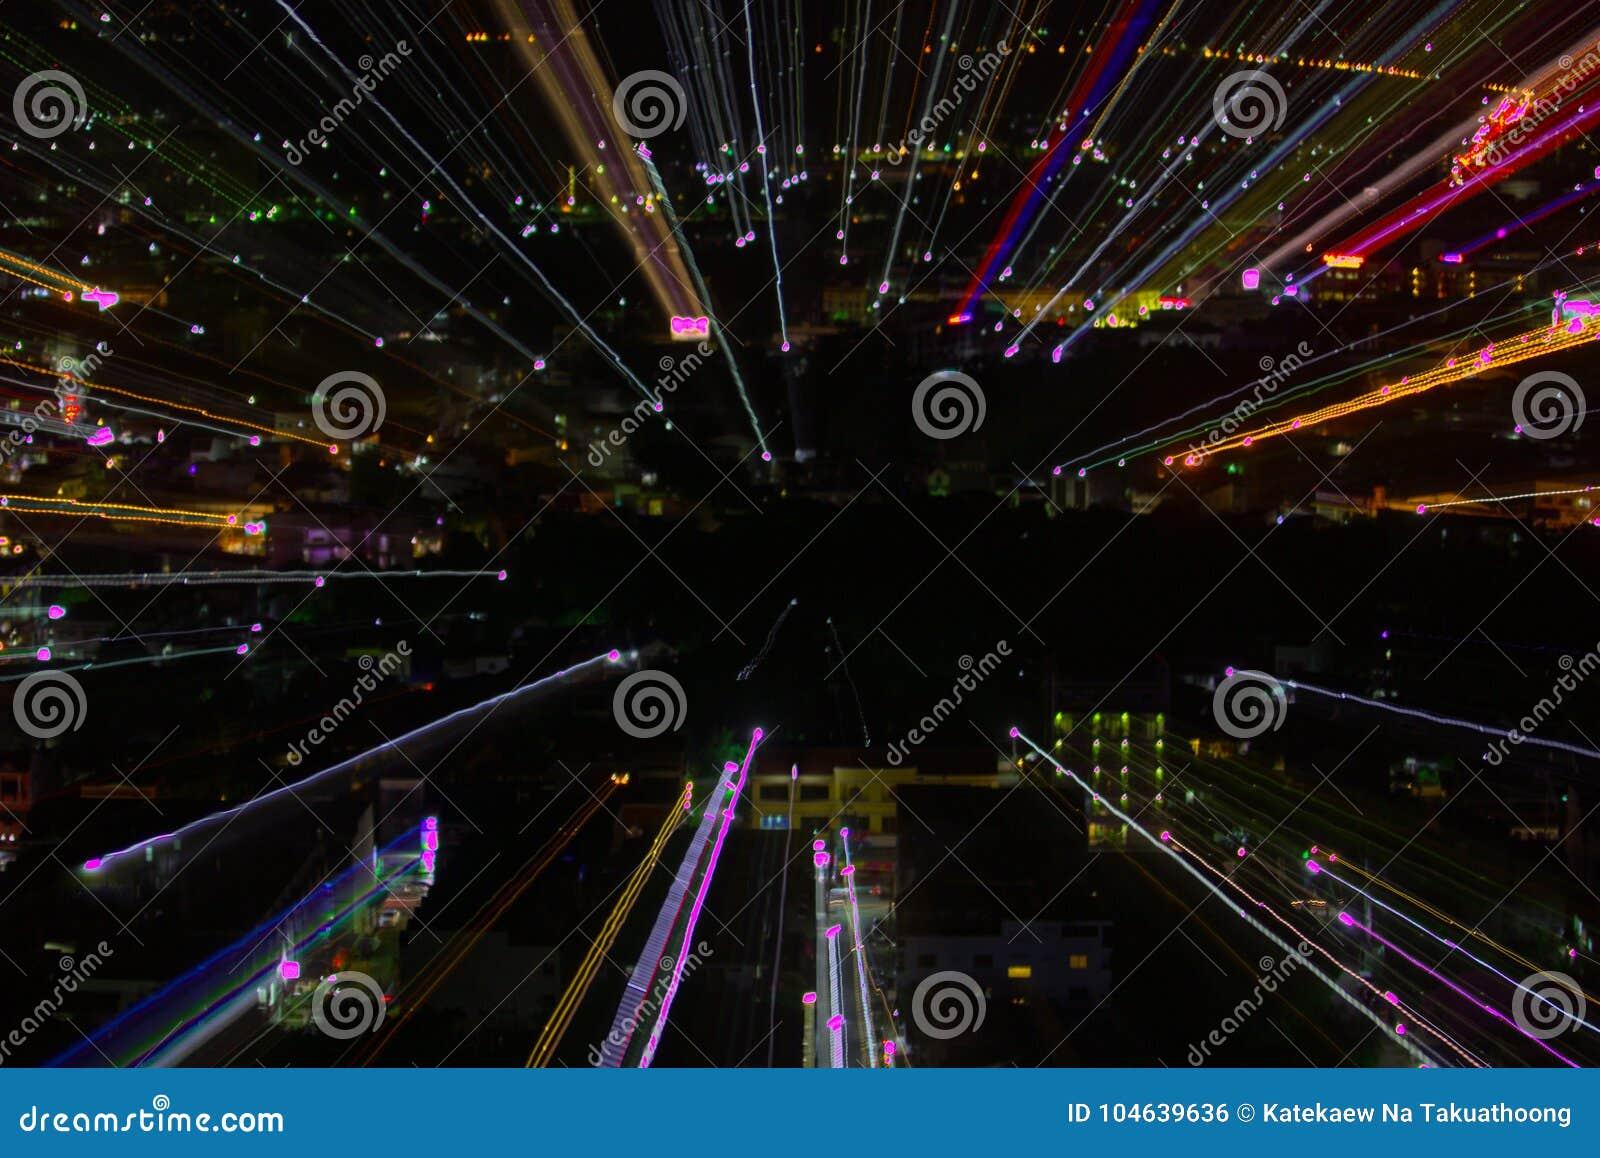 Download Het Effect Van Het Ontploffingsgezoem, Lichte Lijnen Met Lange Blootstelling Stock Foto - Afbeelding bestaande uit goud, donker: 104639636